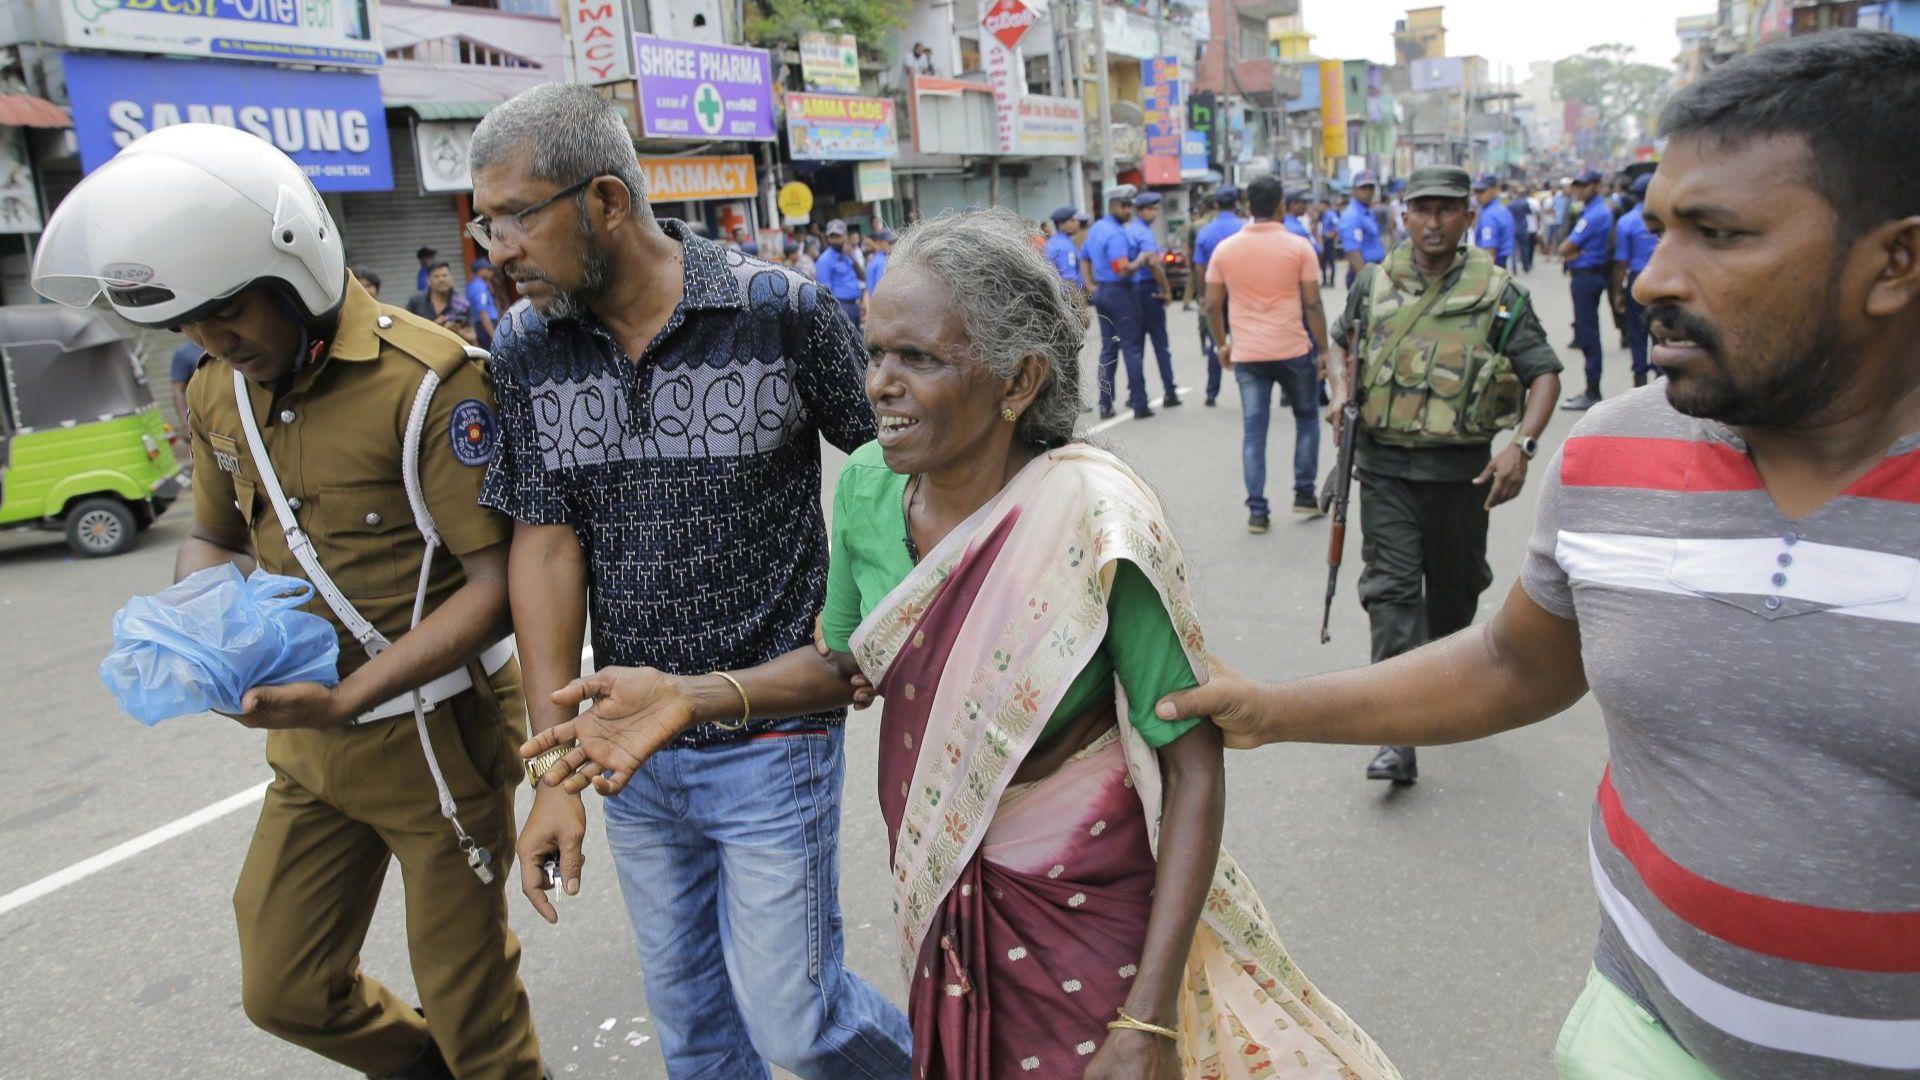 Снимка: В Шри Ланка имало предупреждение за атентати на Великден, 182 вече са жертвите